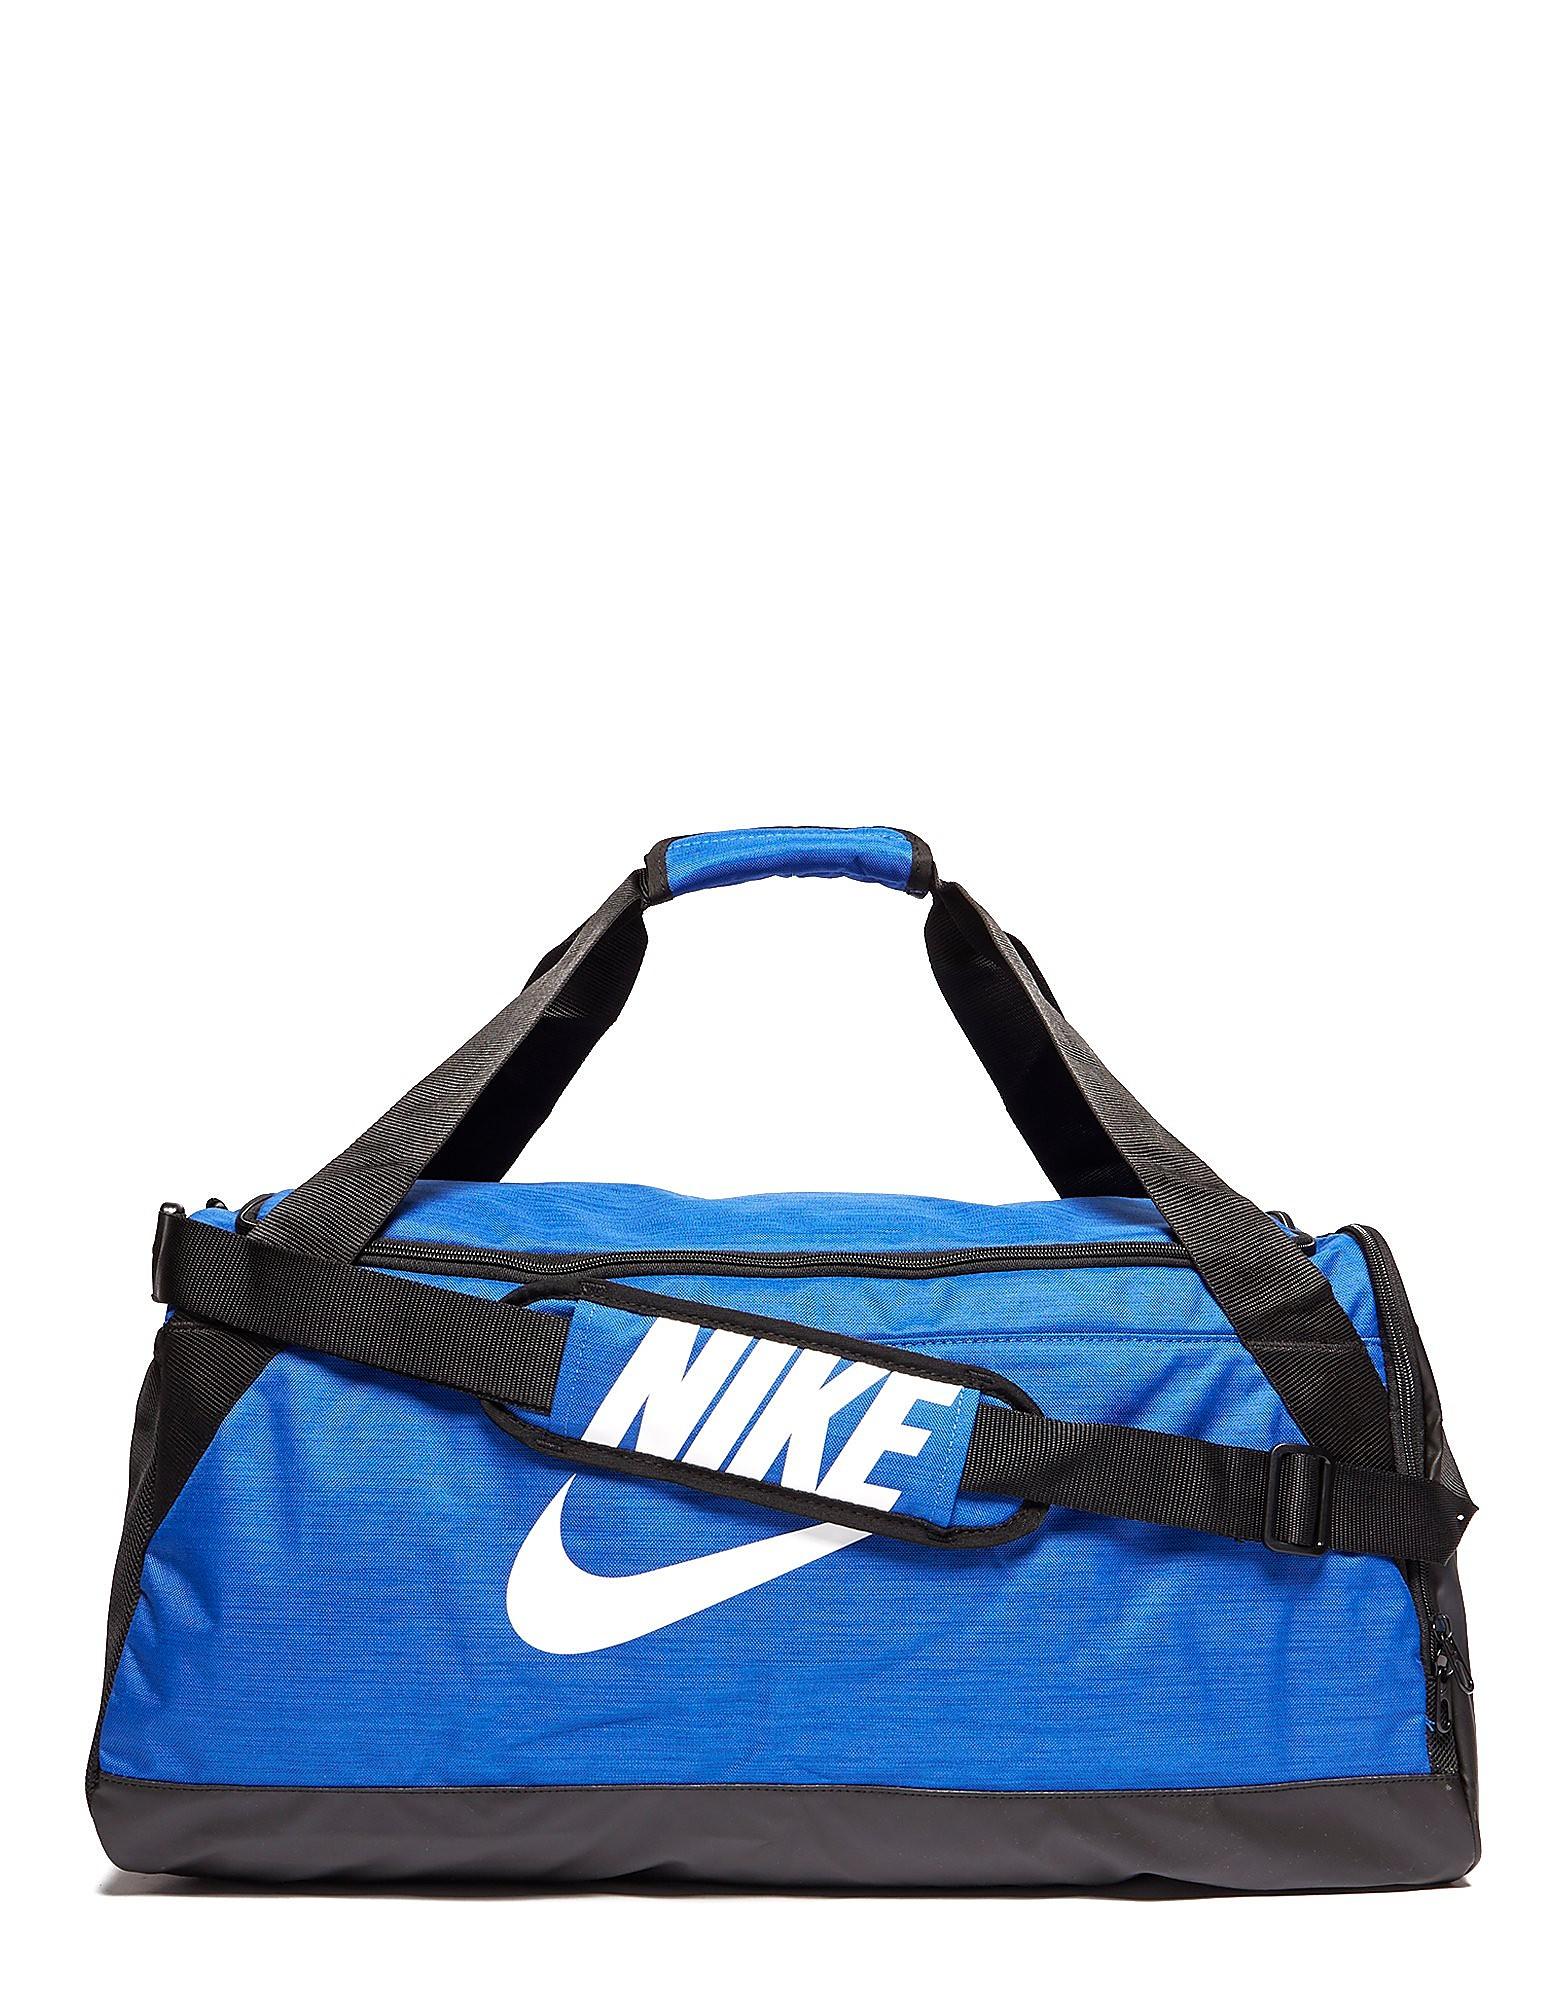 Nike Medium Brasilia Sac